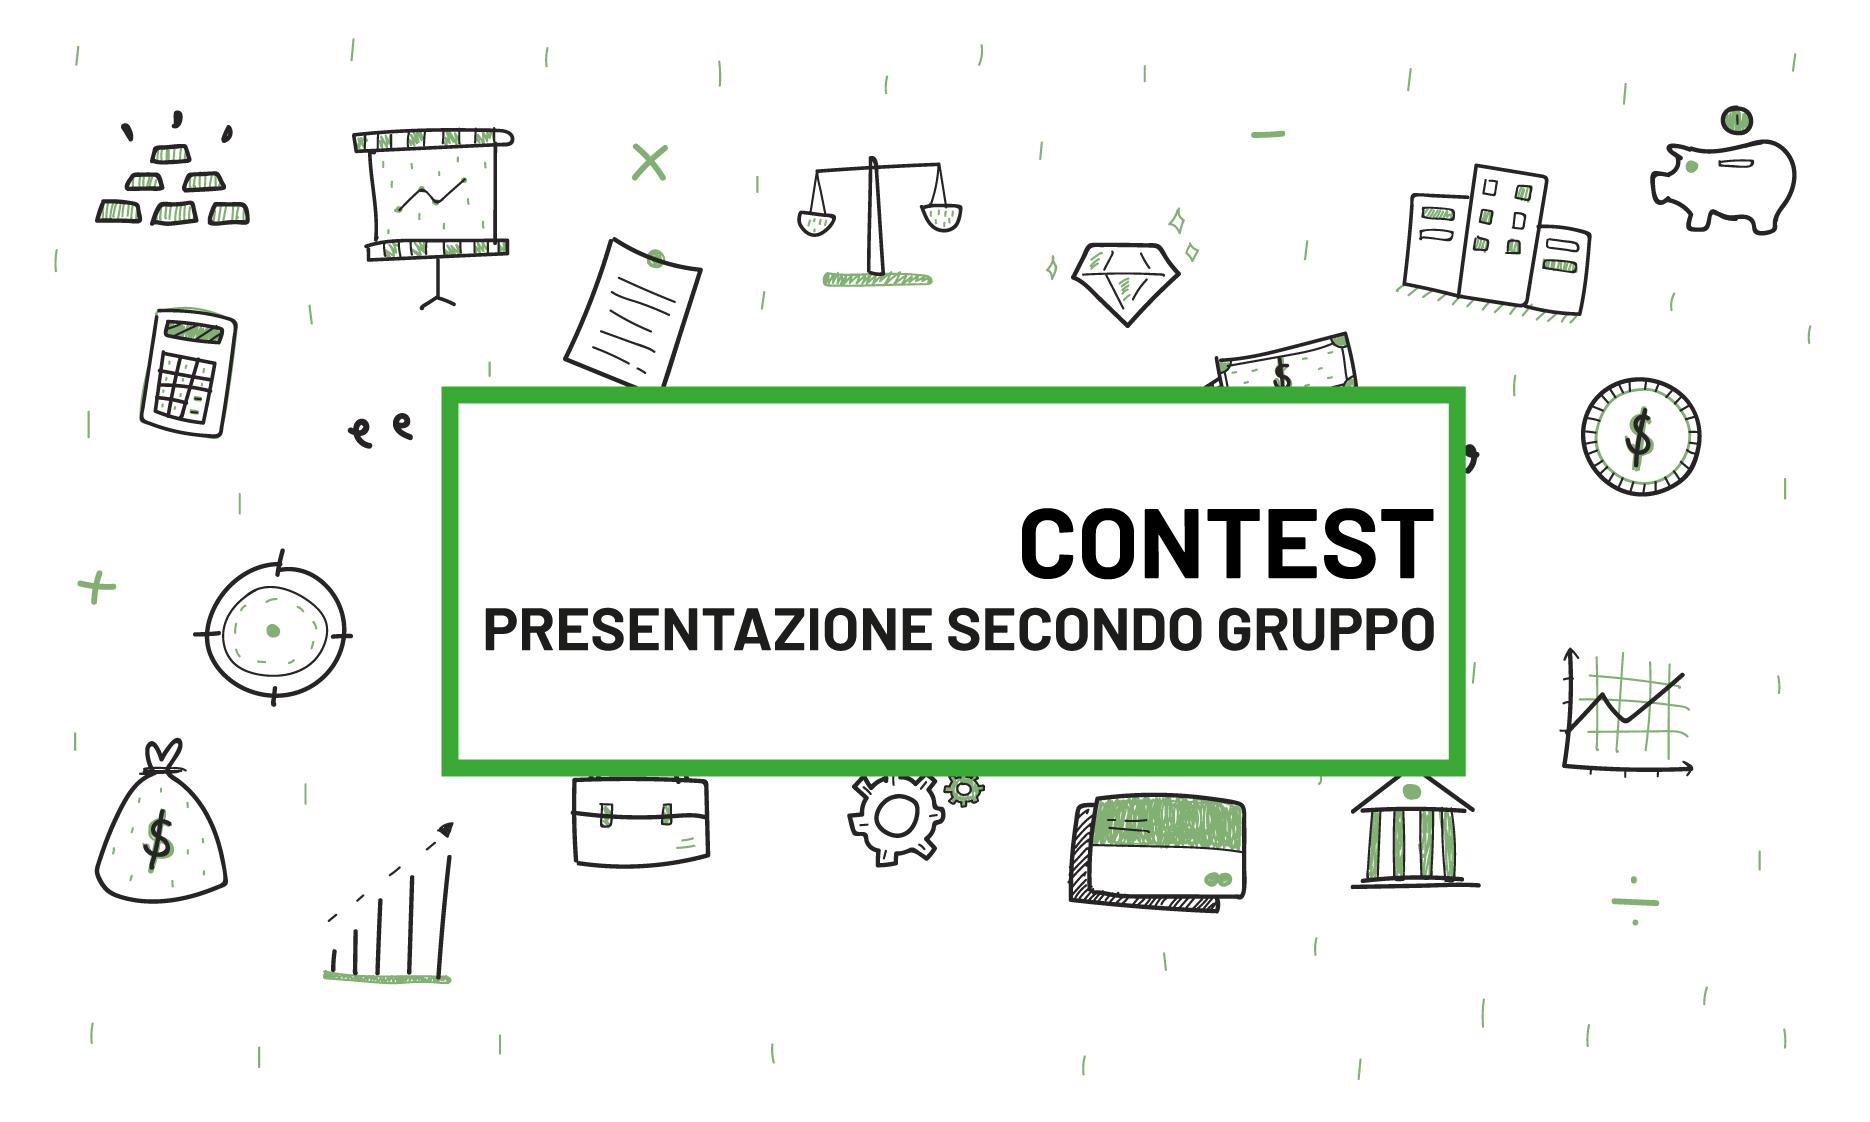 Presentazione del secondo gruppo del contest R&D in ambito green